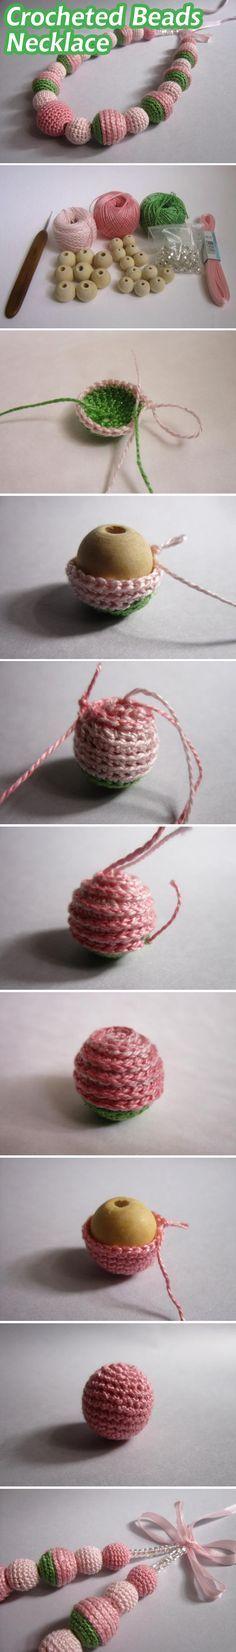 Mágneses öltöny nyaklánc karkötő / horgolt gyöngyök nyaklánc bemutatója